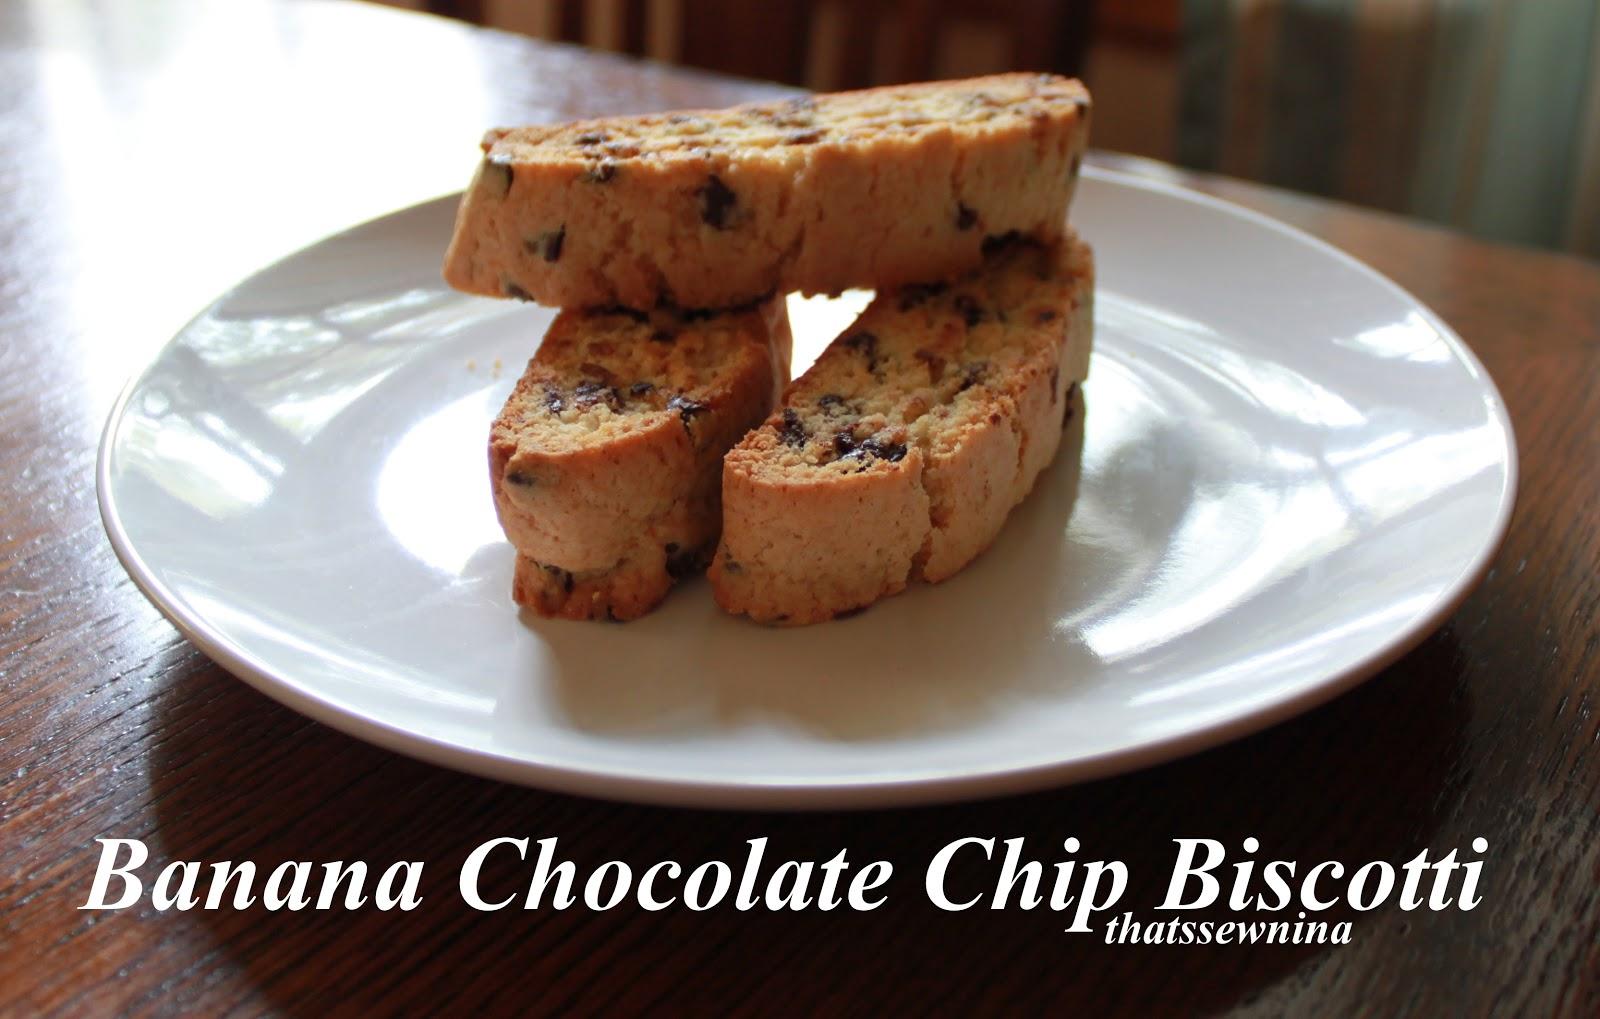 thatssewnina: Banana Chocolate Chip Biscotti